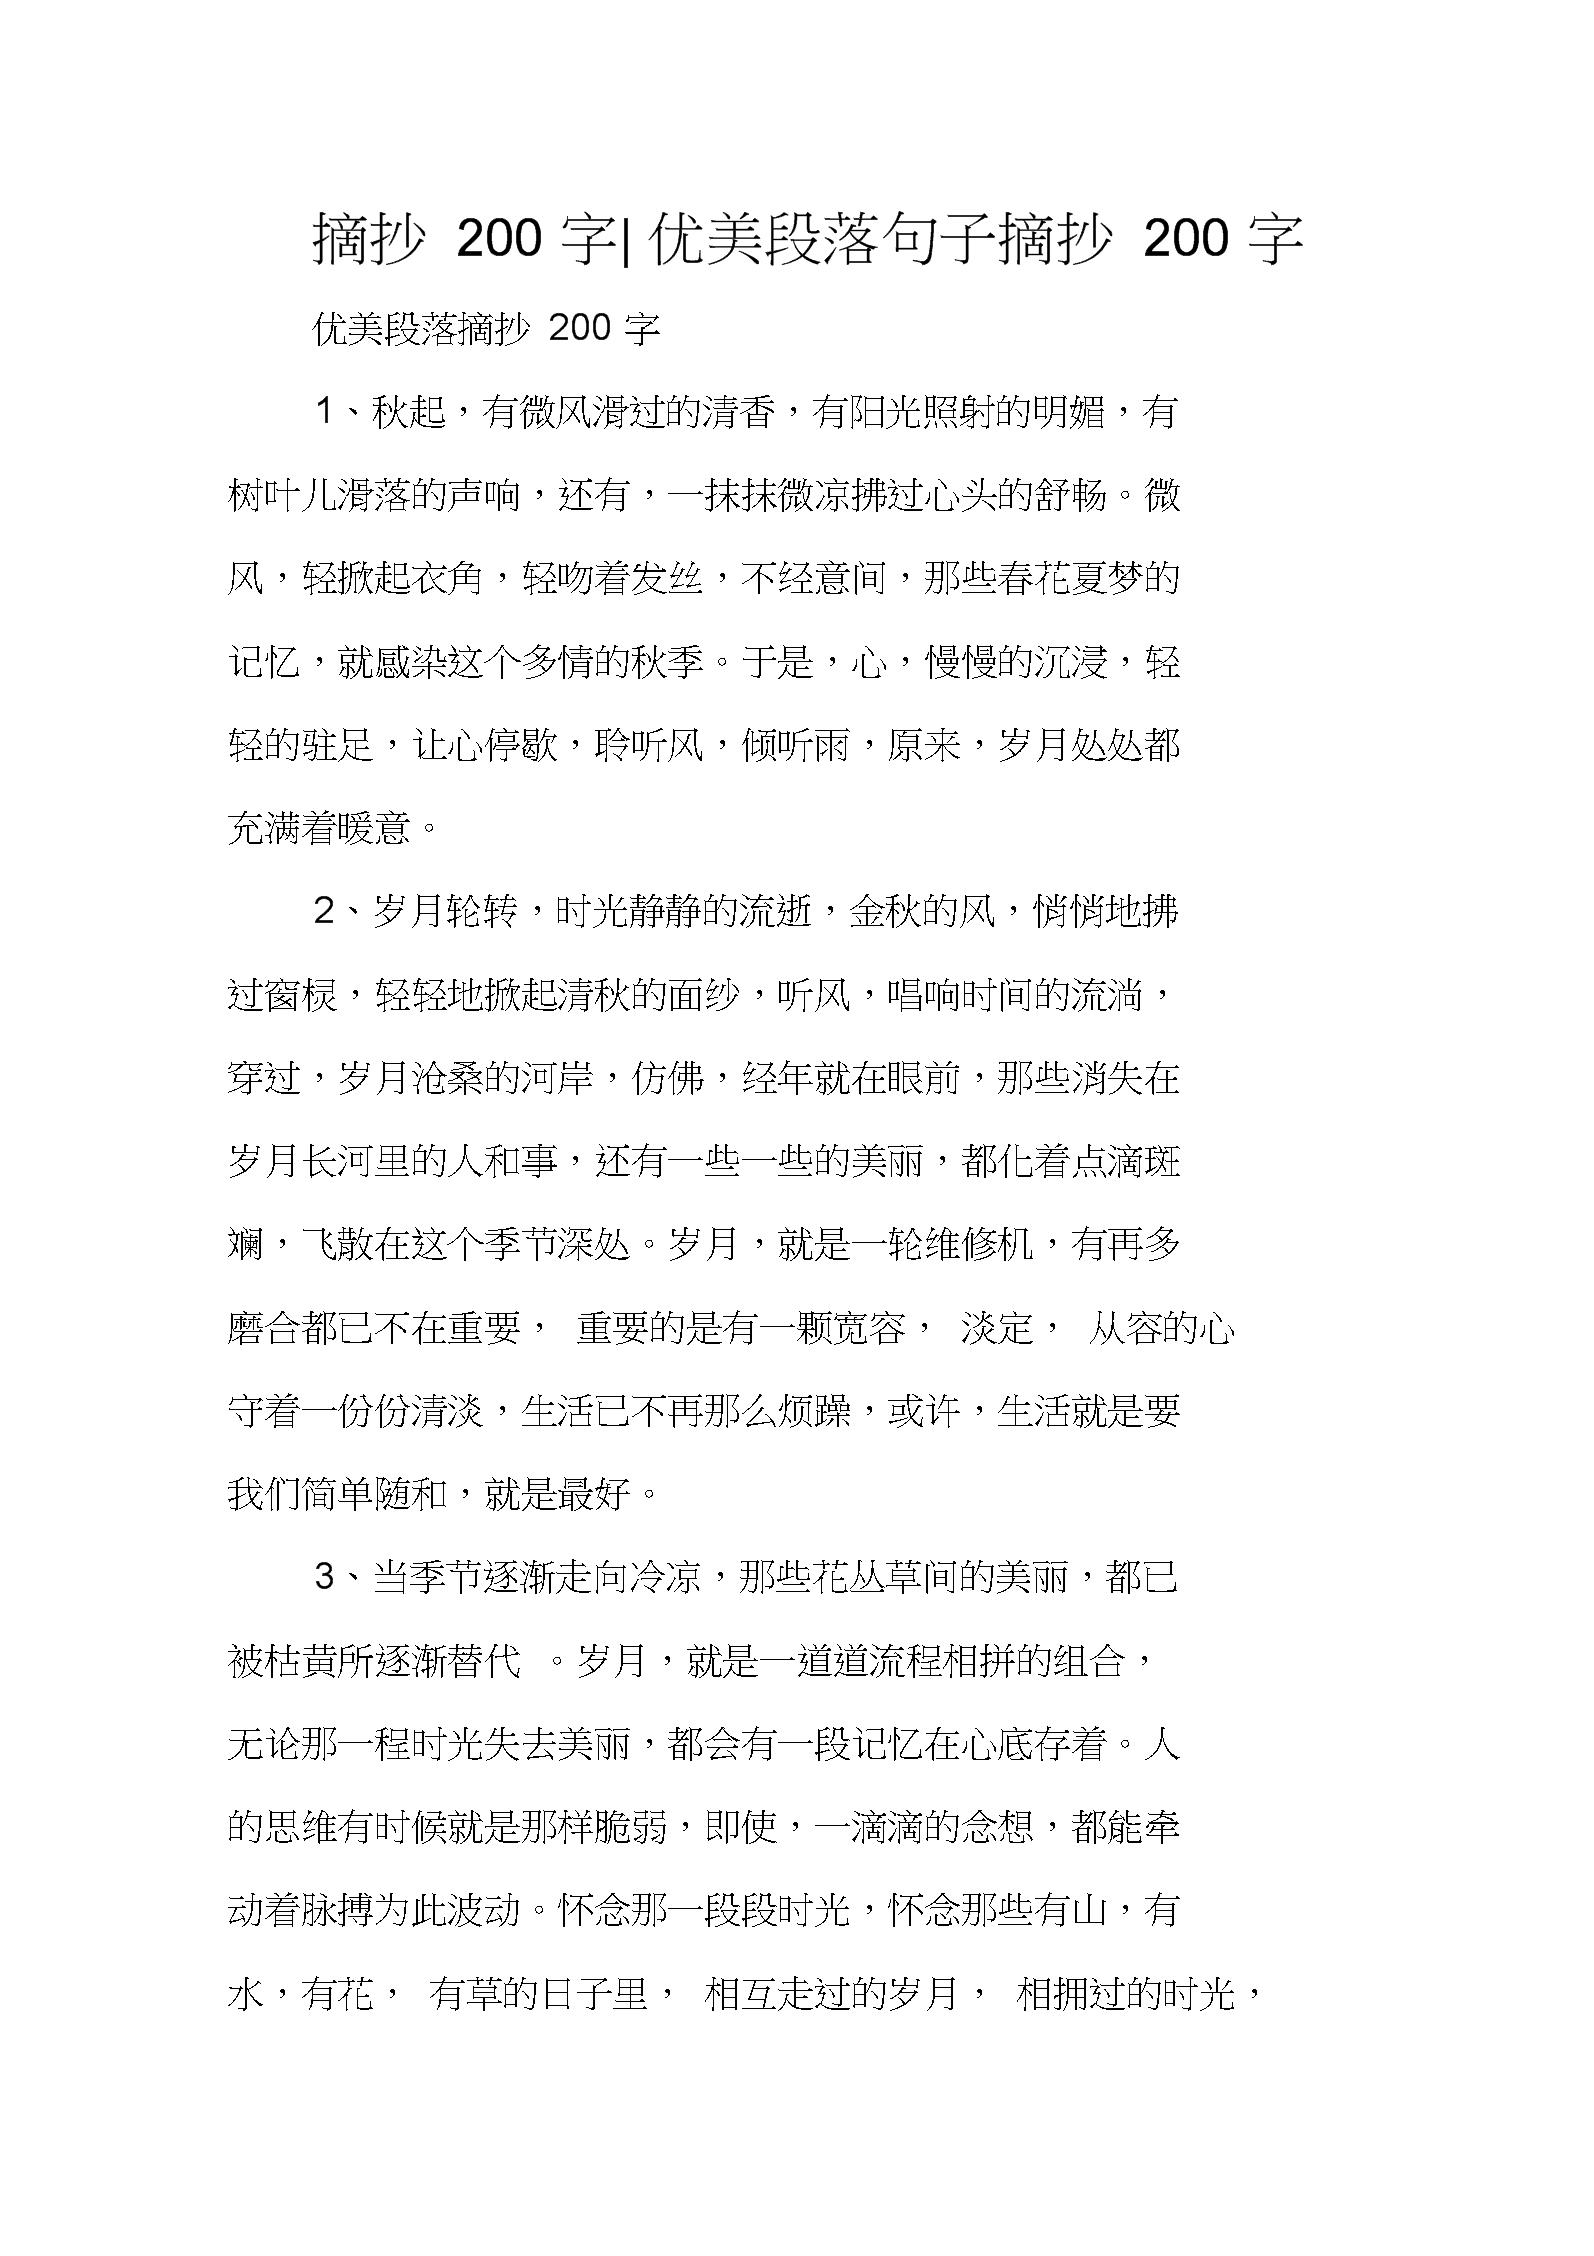 摘抄200字-优美段落句子摘抄200字.docx